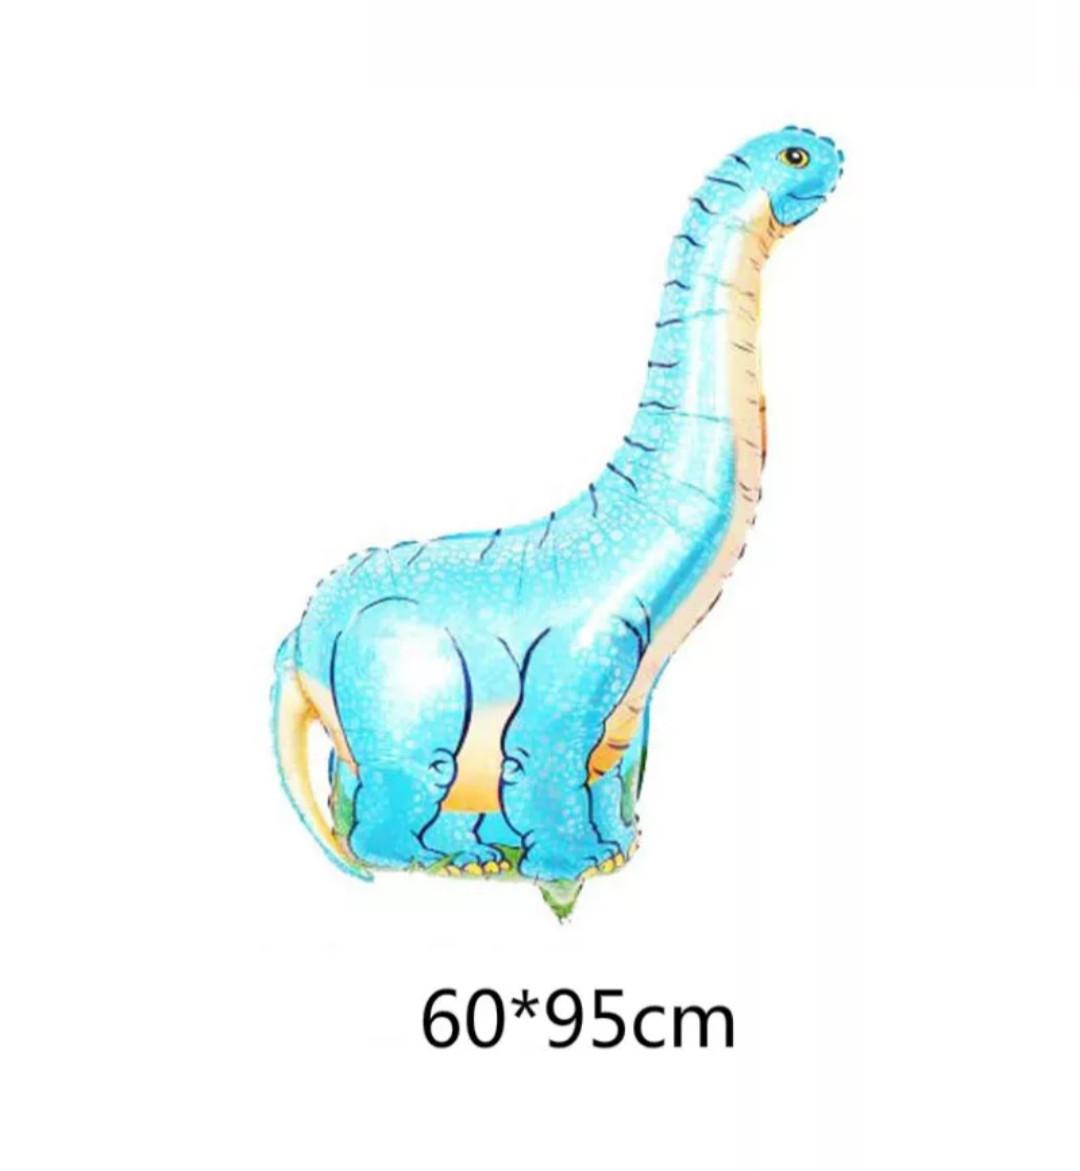 Фольгированный шар динозавр диплодок голубой 95*60 см